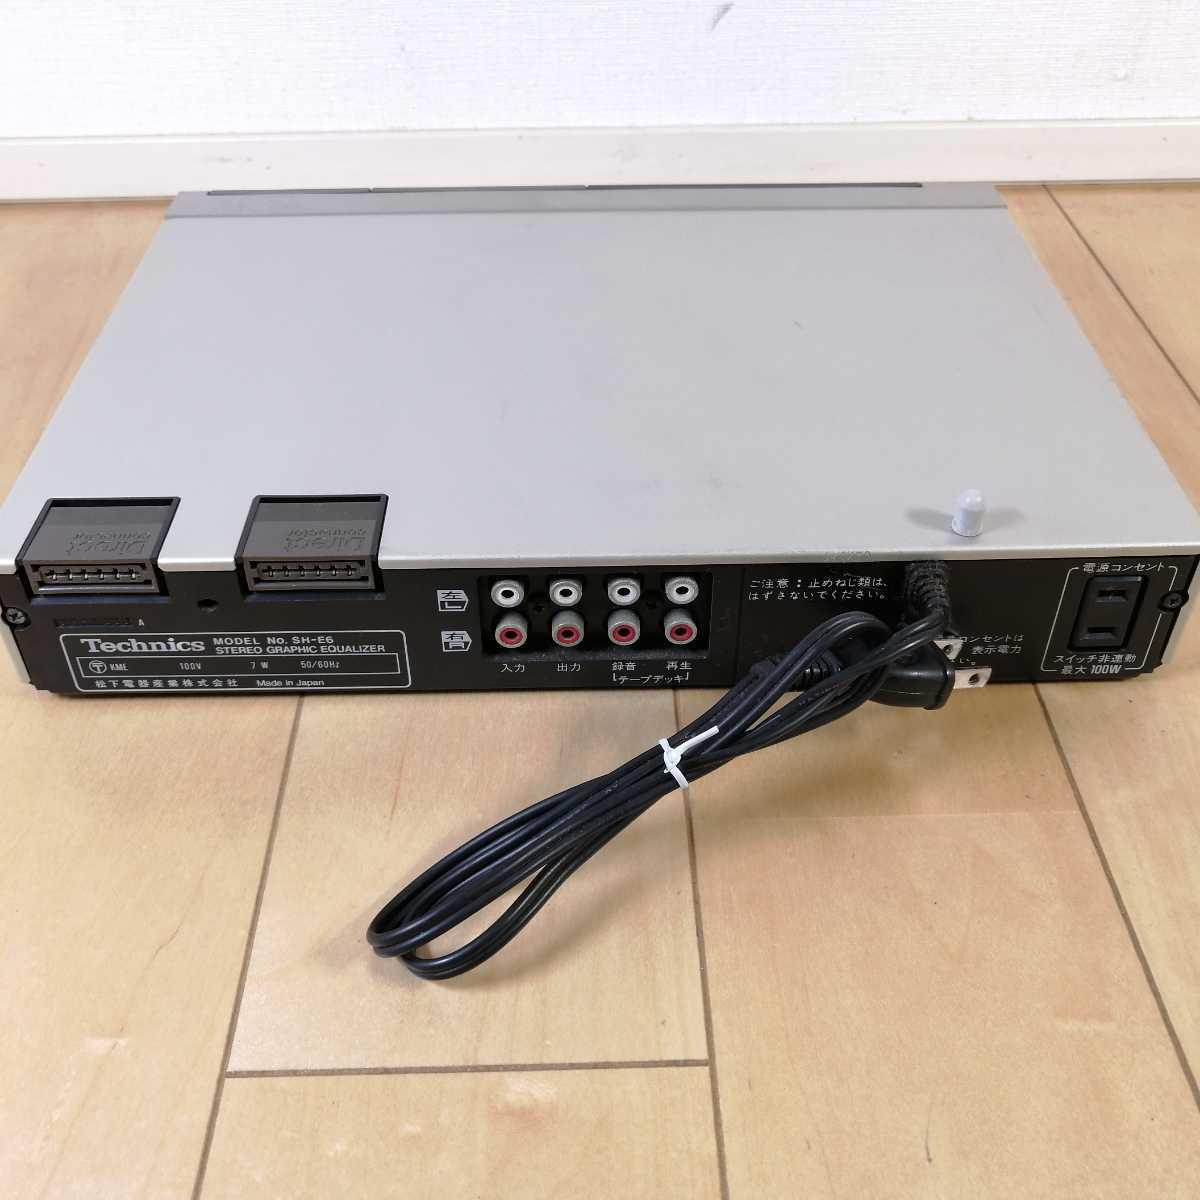 美品!! Technics テクニクス ステレオグラフィックイコライザー SH-E6 通電確認済!!_画像7